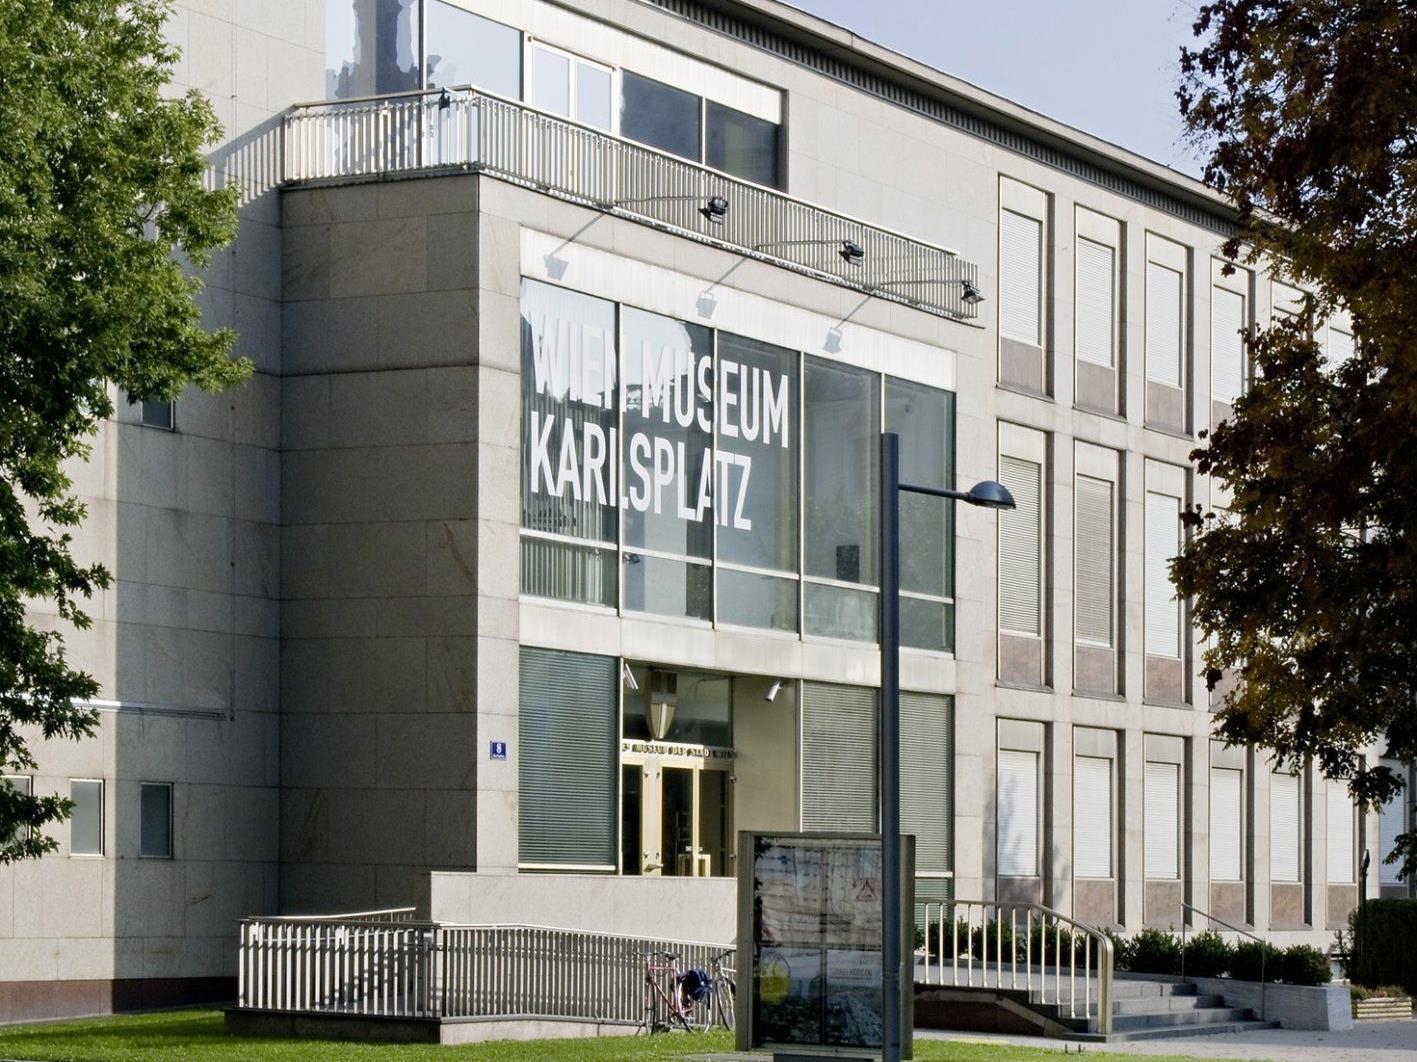 Das Wien-Museum am Karlsplatz platzt aus allen Nähten und soll ausgebaut werden